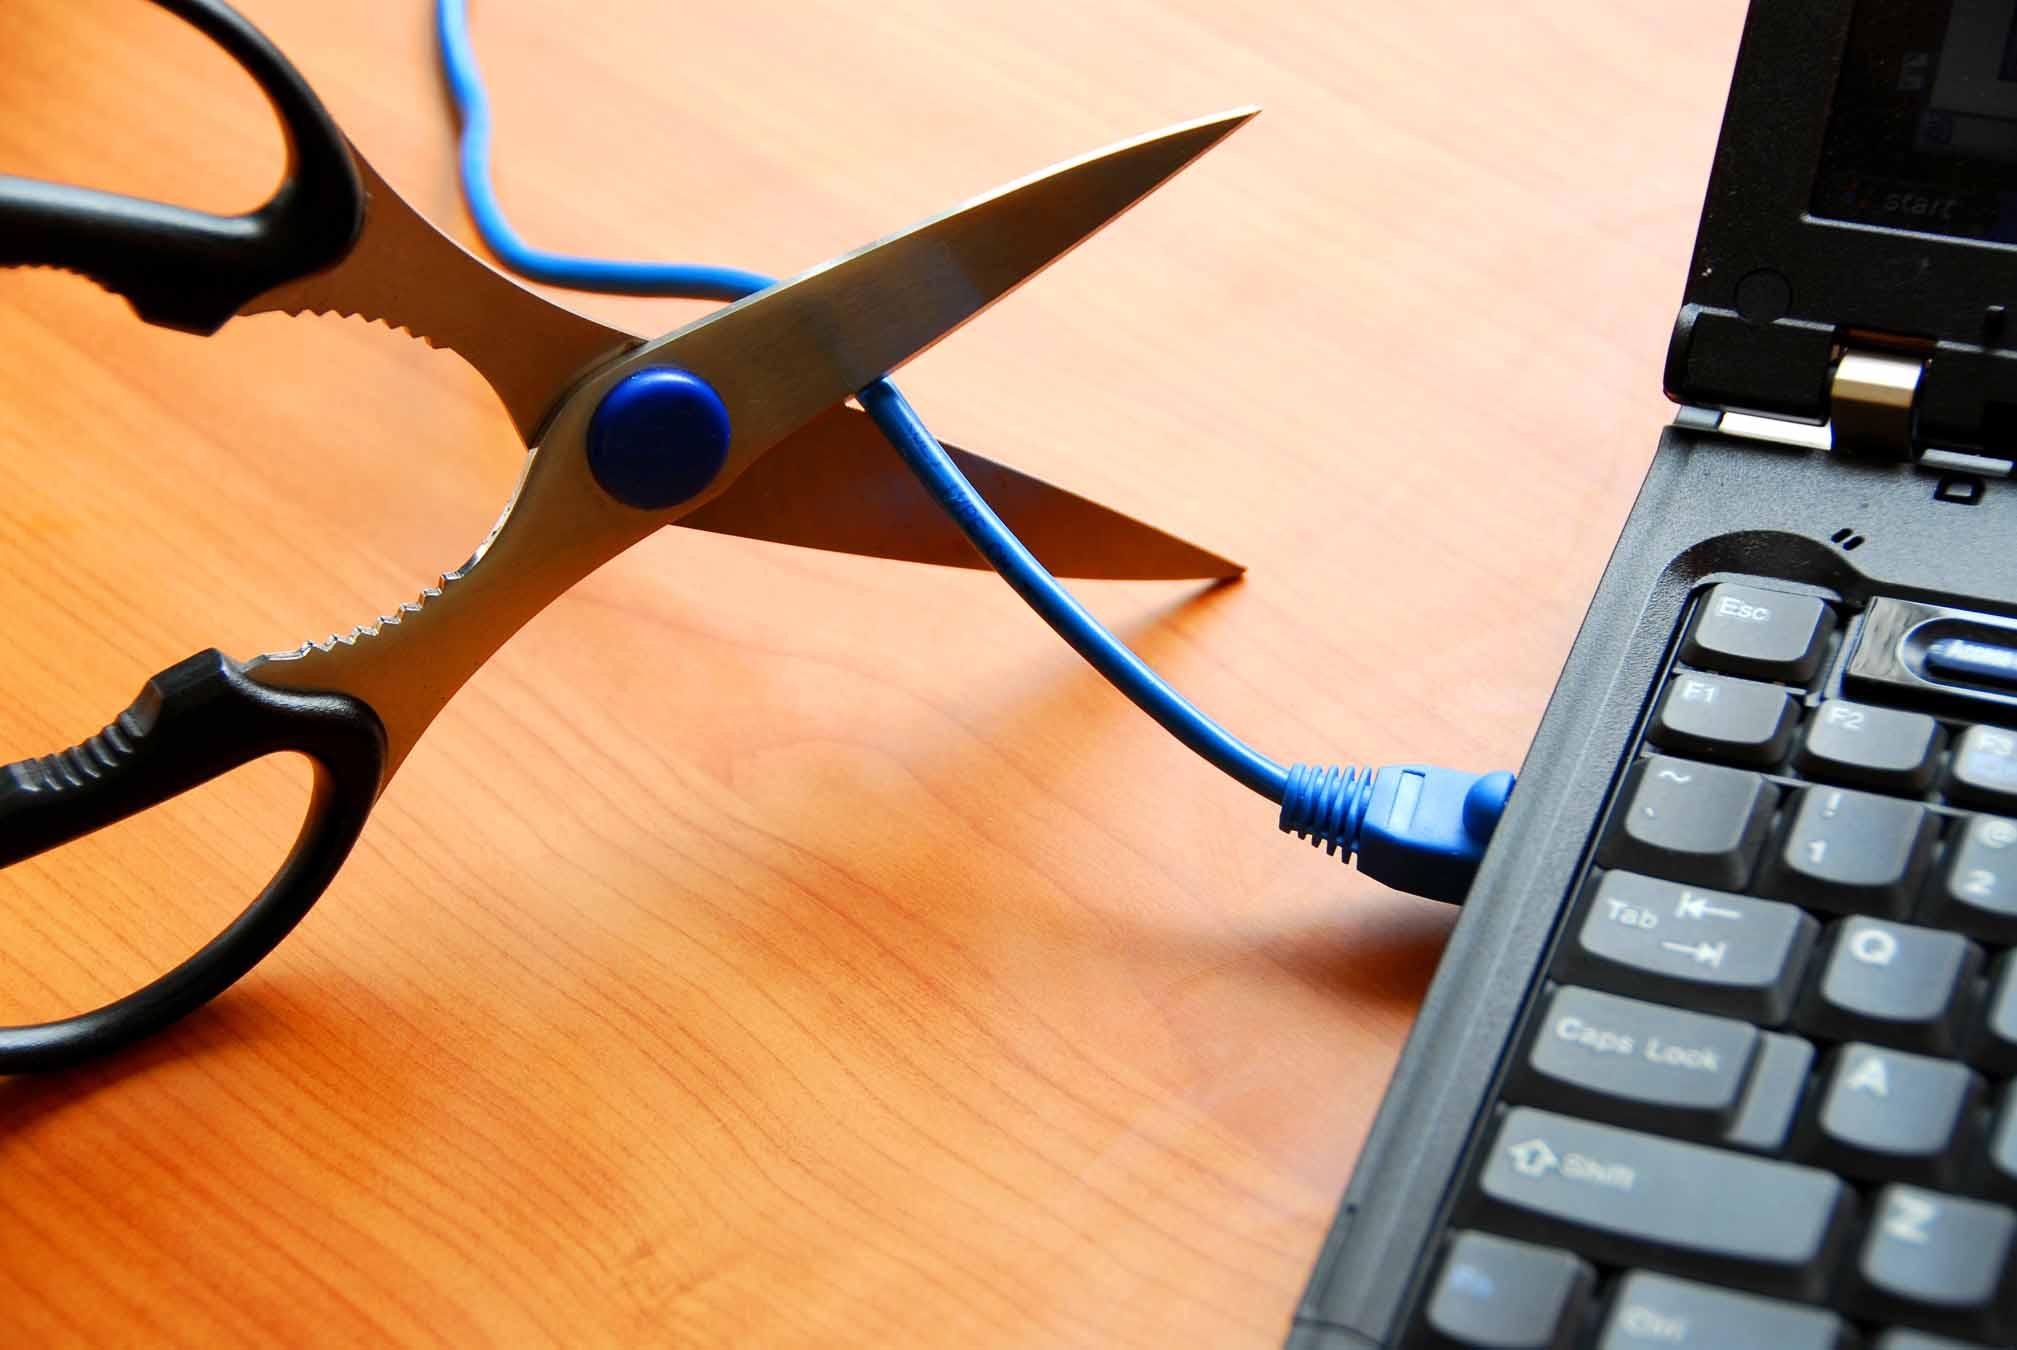 Tehnologia wireless poate cauza cancer? Iata parerea specialistilor!